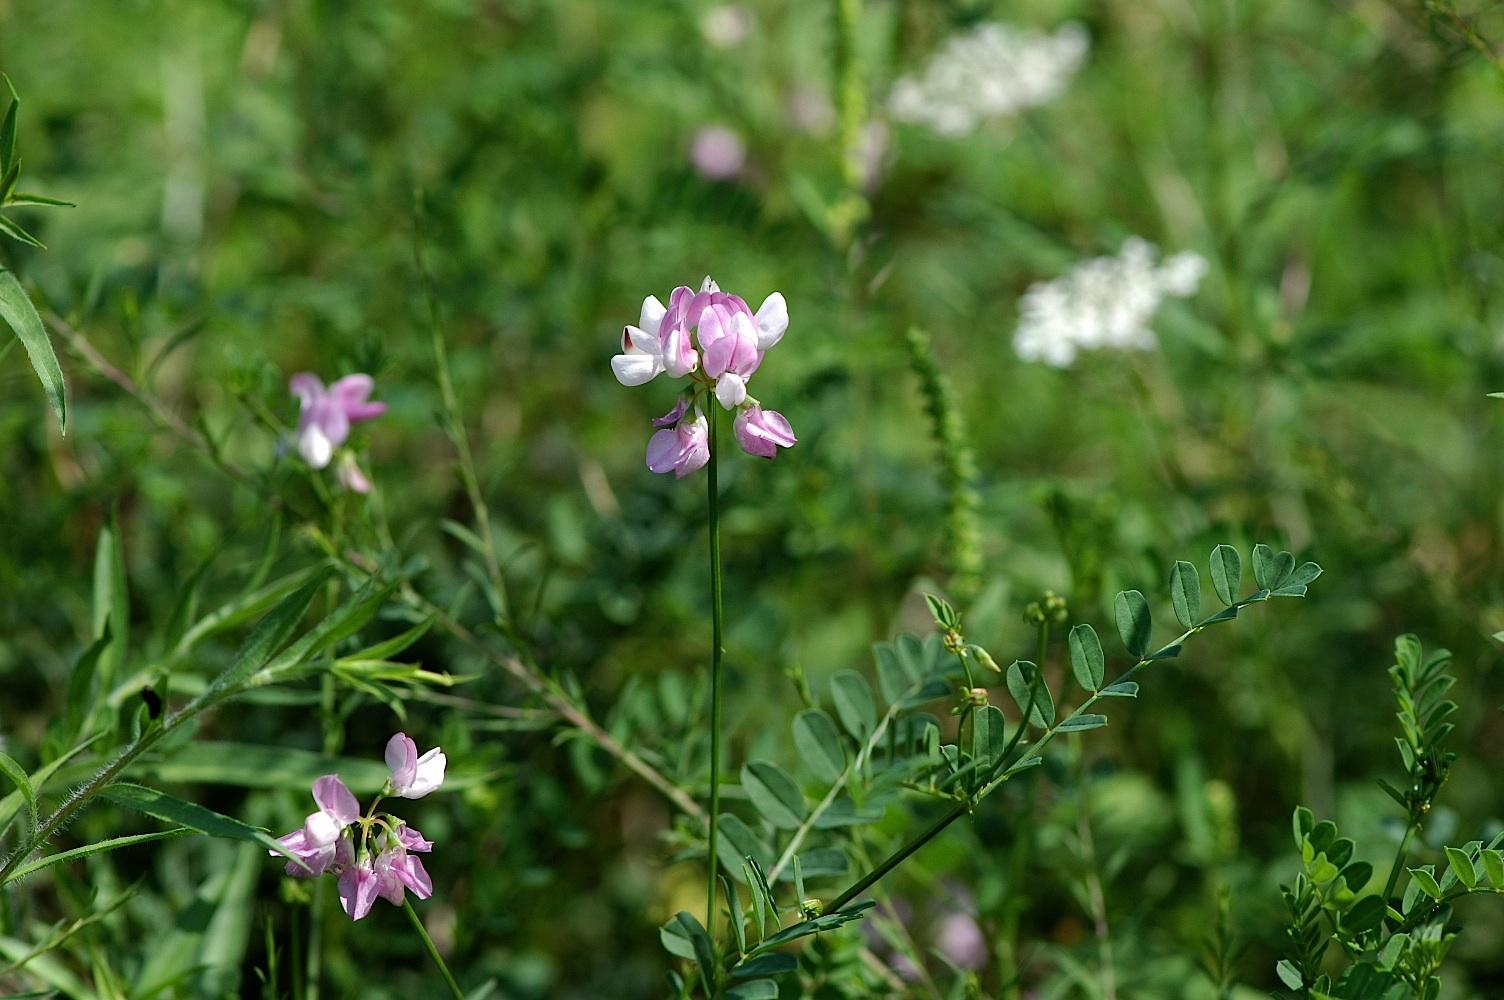 Common Garden Flowers Pink field biology in southeastern ohio: roadside plants, that